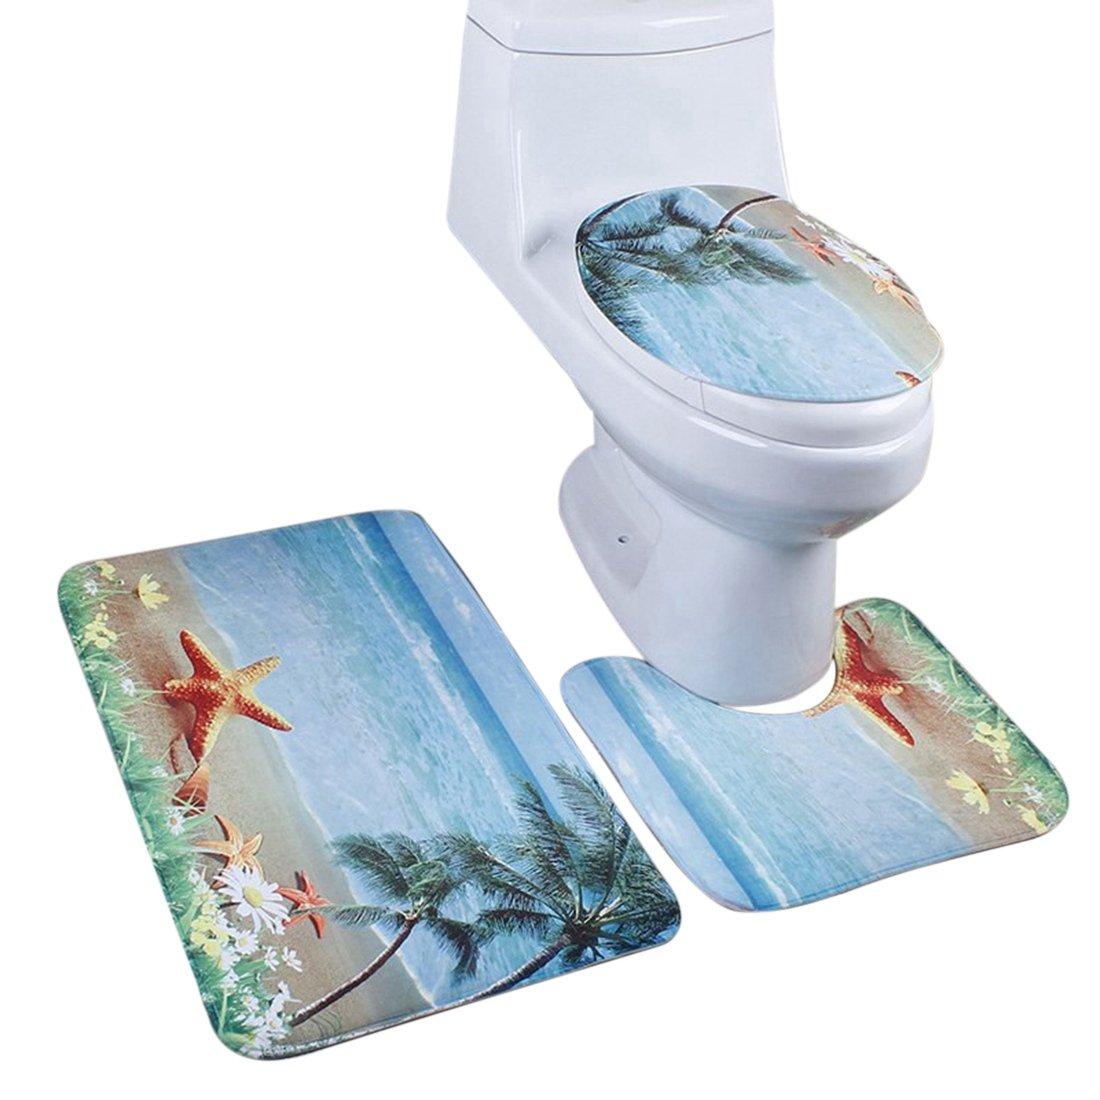 Freahap Bathroom Rug Set Bath Mat Contour Mat Toilet Lid Cover Non Slip Washable #1 Hengfey